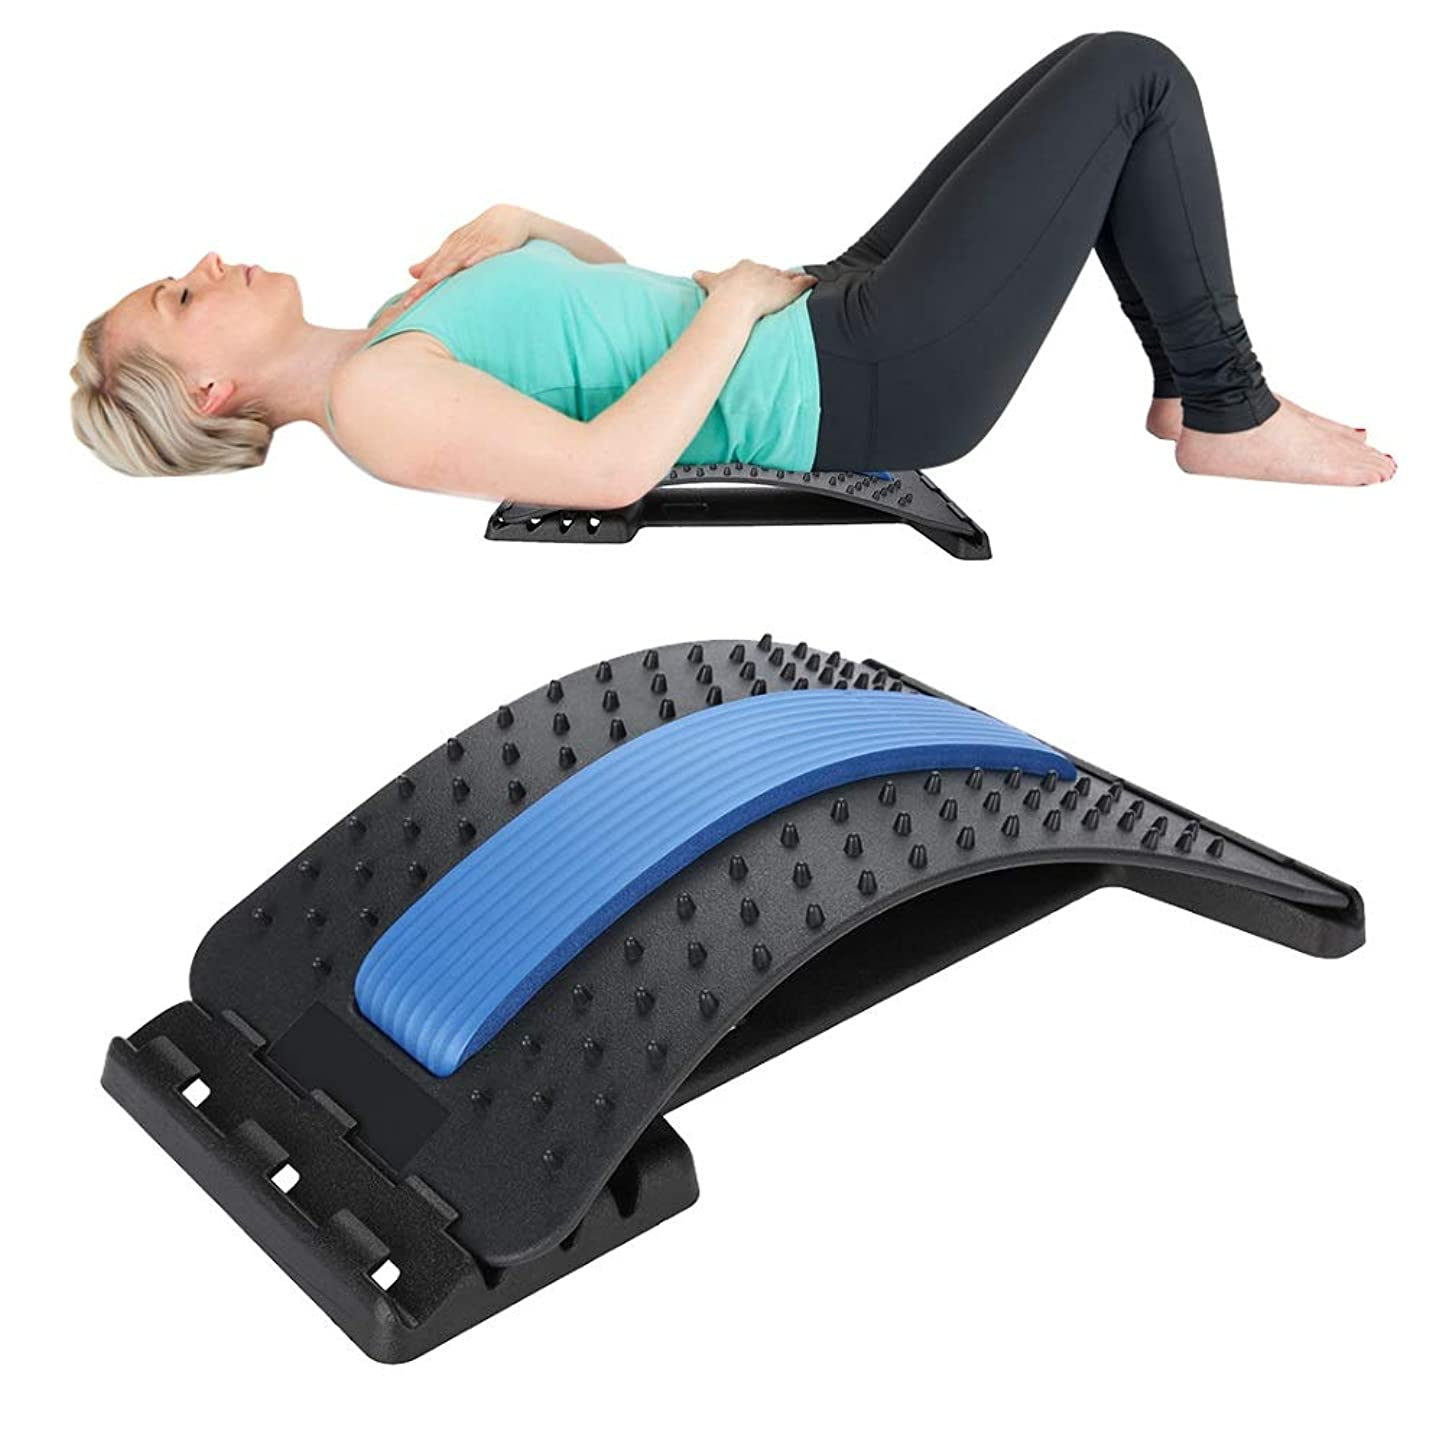 つかむブロンズ余計な腰部背部伸張器装置、背部マッサージャー背部腰痛のための背部腰痛サポート牽引の伸張のリラックスした脊椎減圧枕